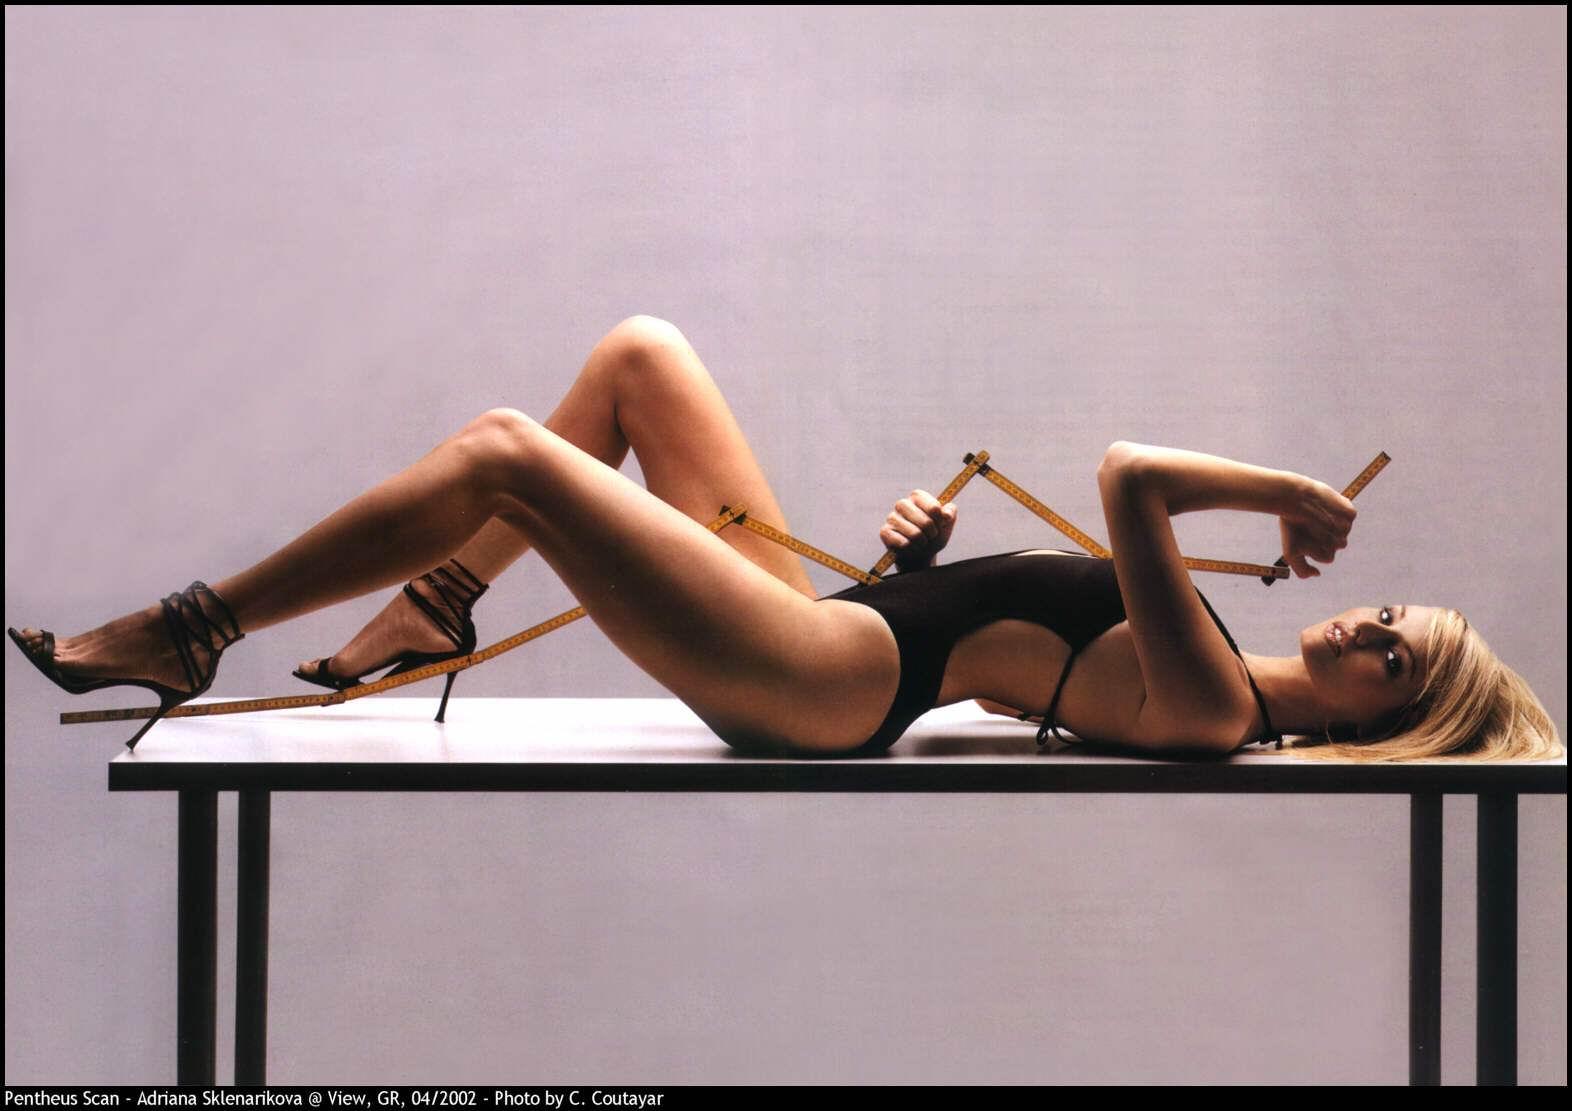 Adriana Karembeu caliente